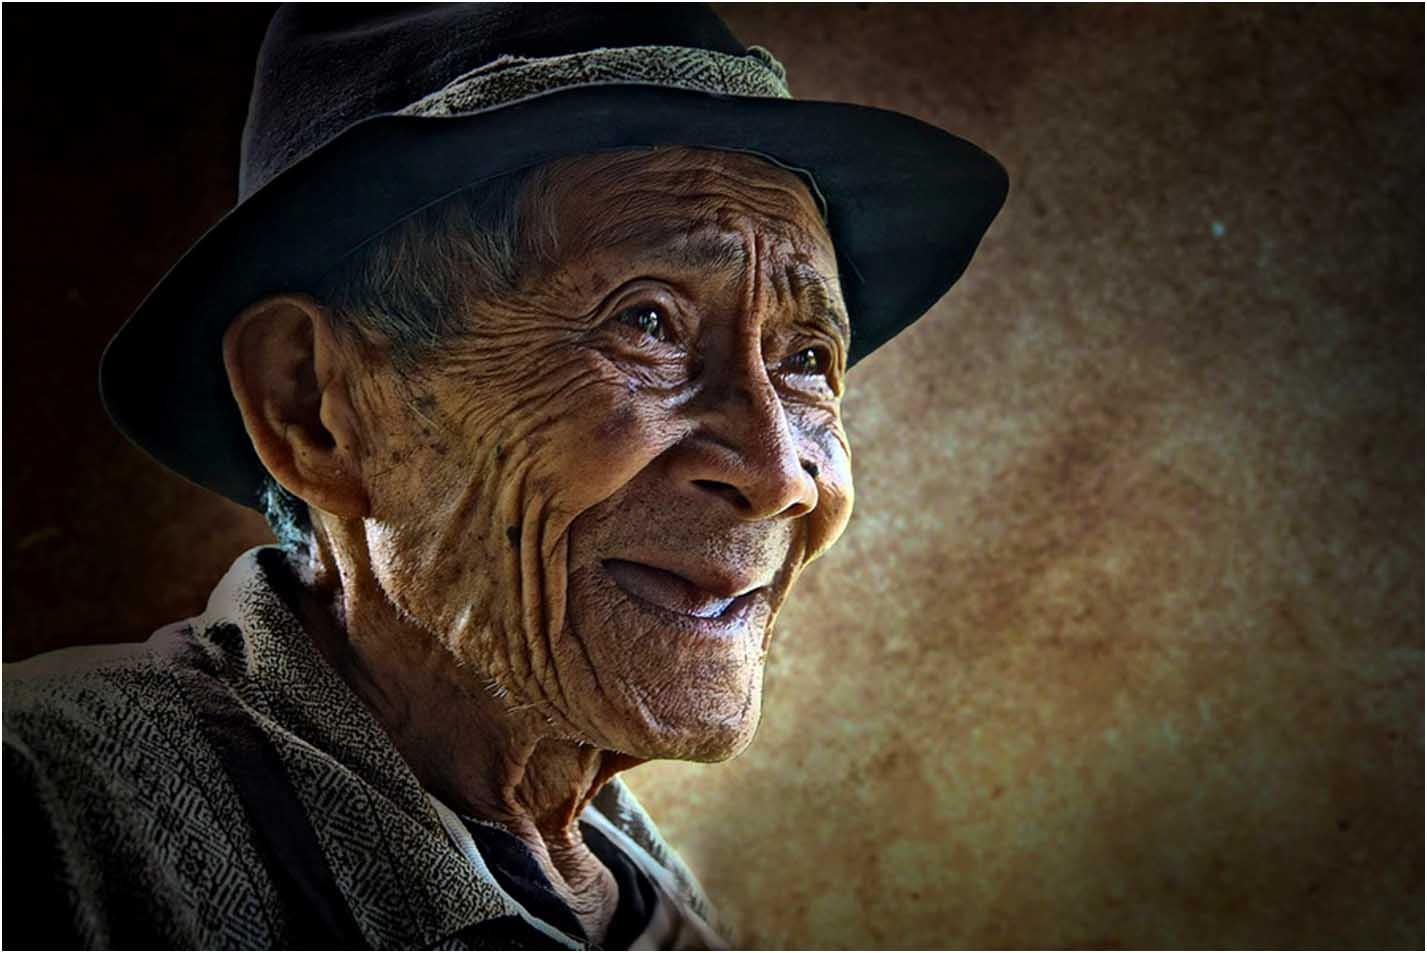 Cerita Pendek Anak, Kisah Kakek Tua dan Pencuri Pepaya